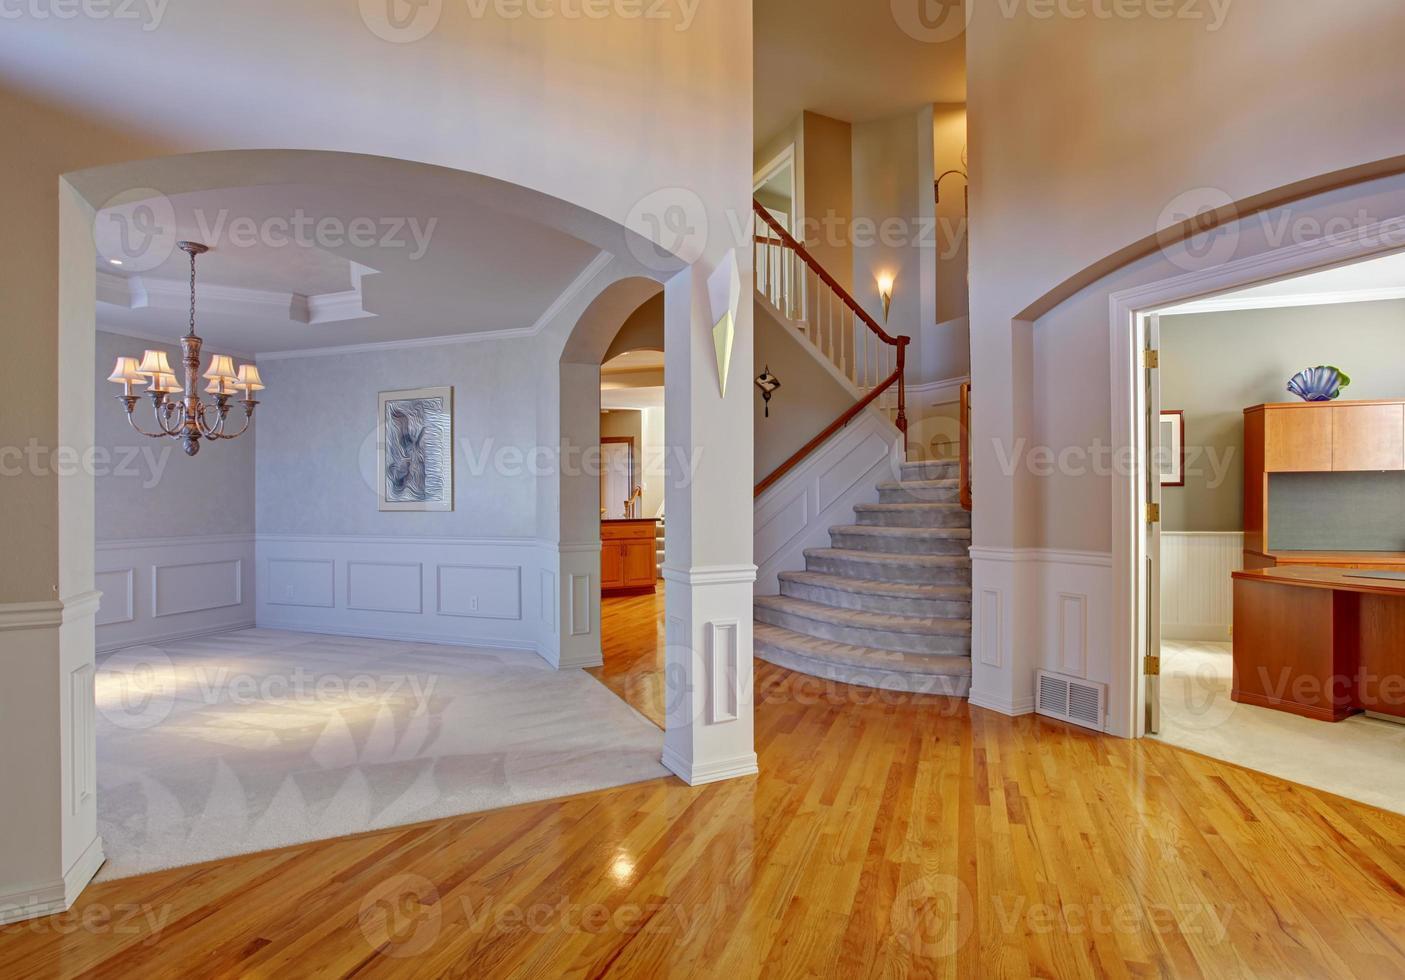 interior da casa de luxo com arcos e teto alto foto